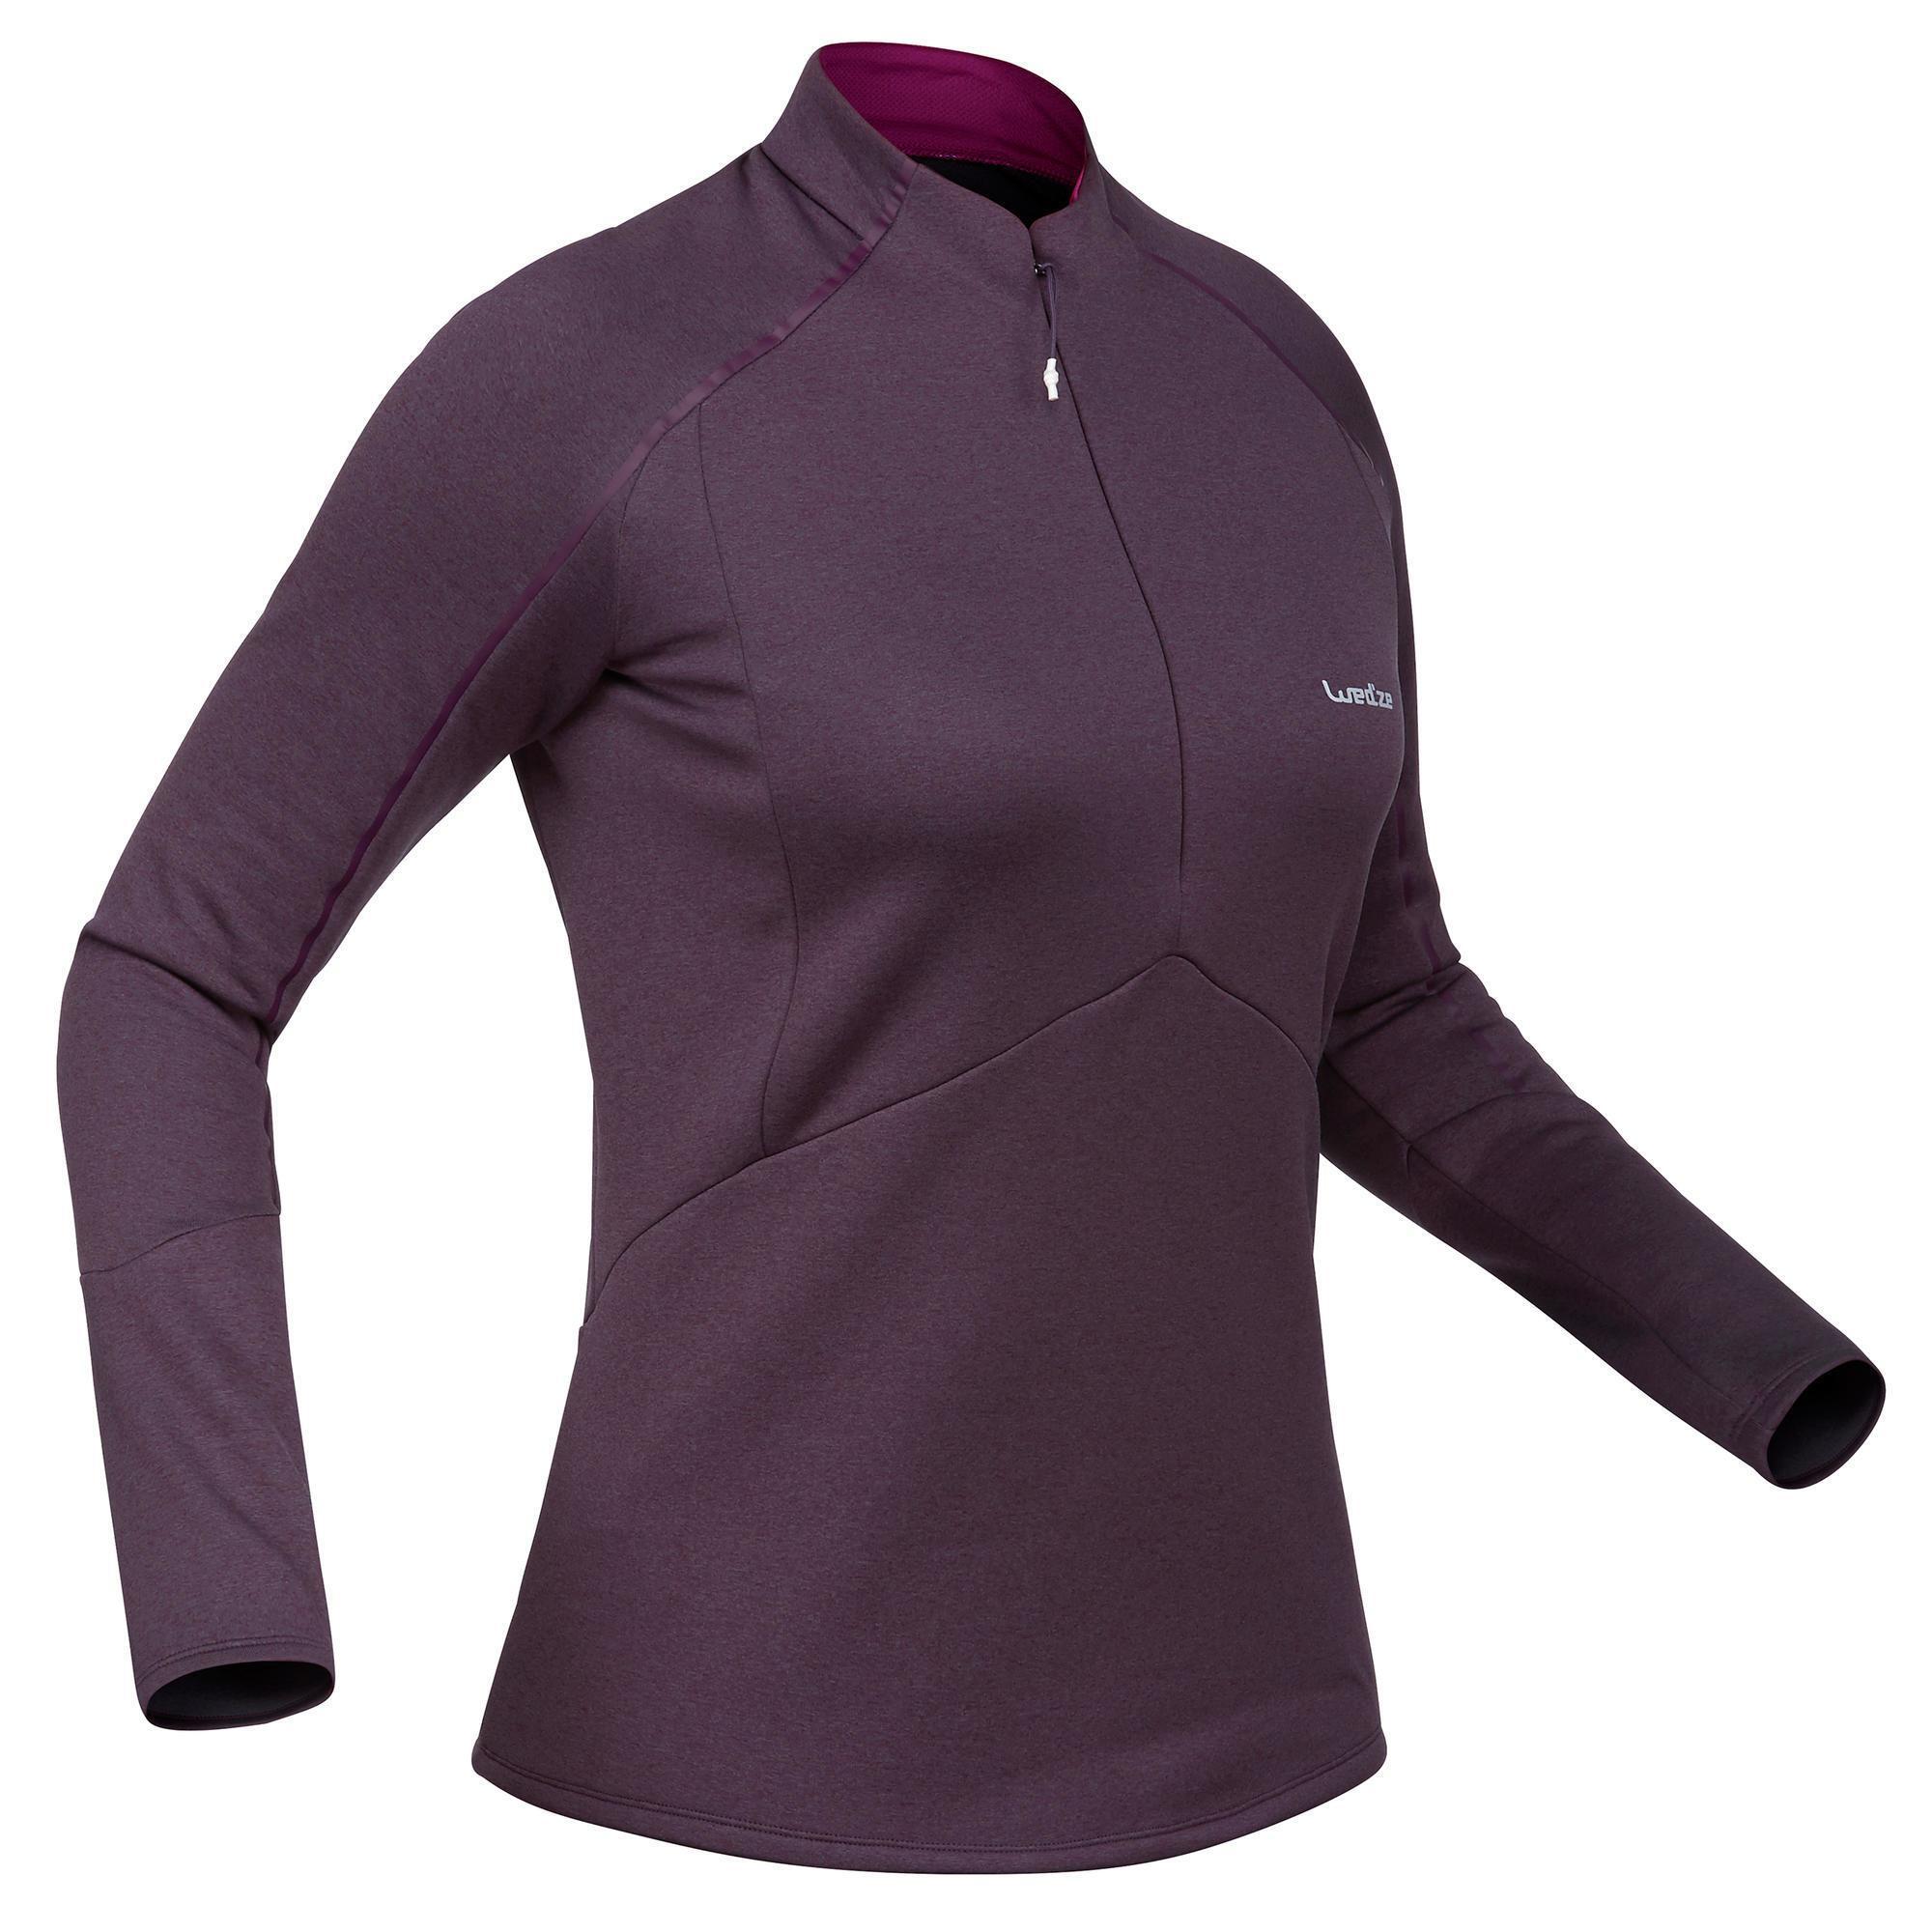 Skiunterhemd MD 500 Damen violett | Sportbekleidung > Funktionswäsche > Thermounterwäsche | Violett | Wed´ze